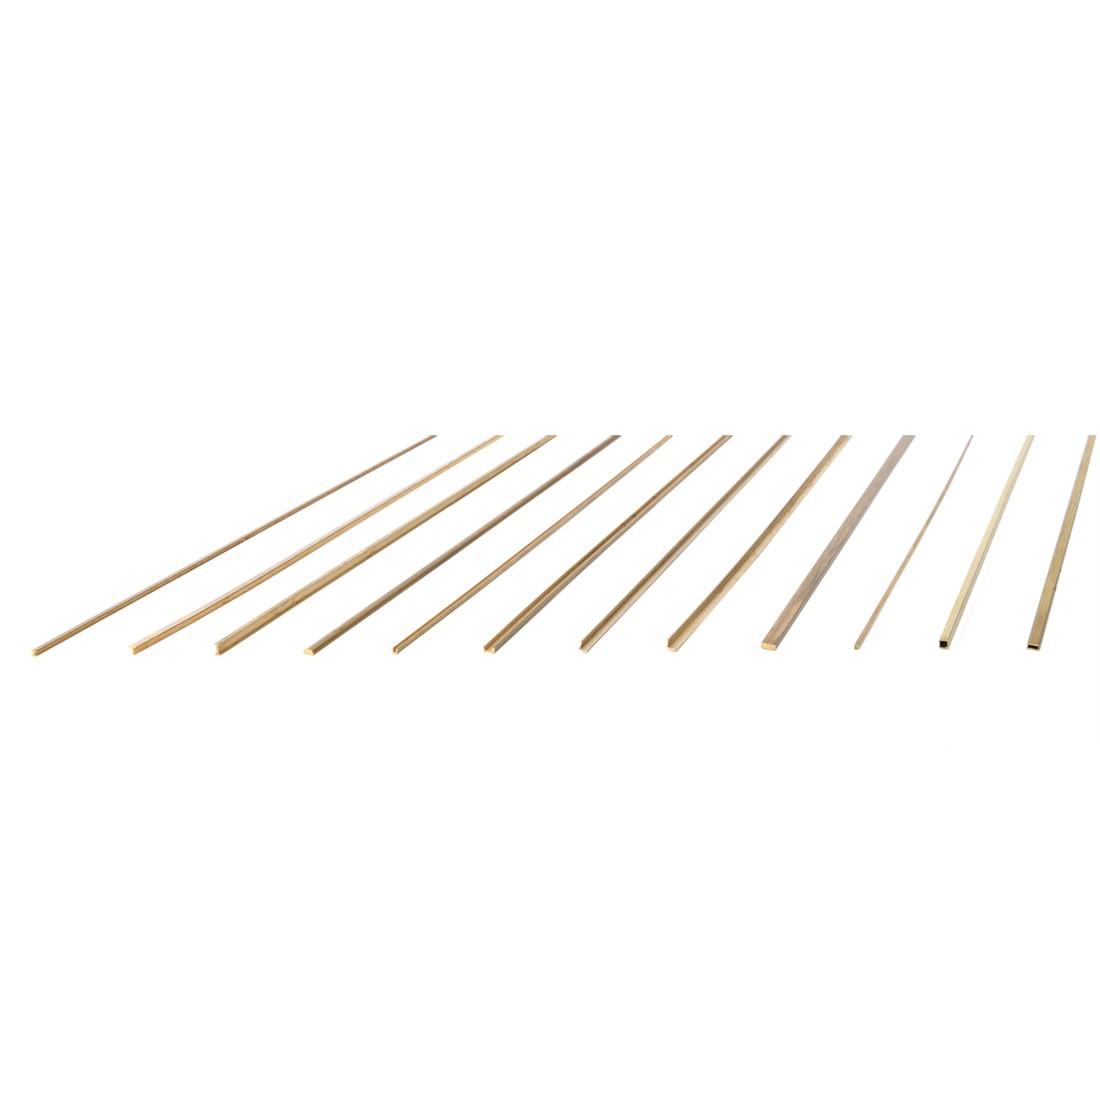 Ángulos de latón 3x6x500